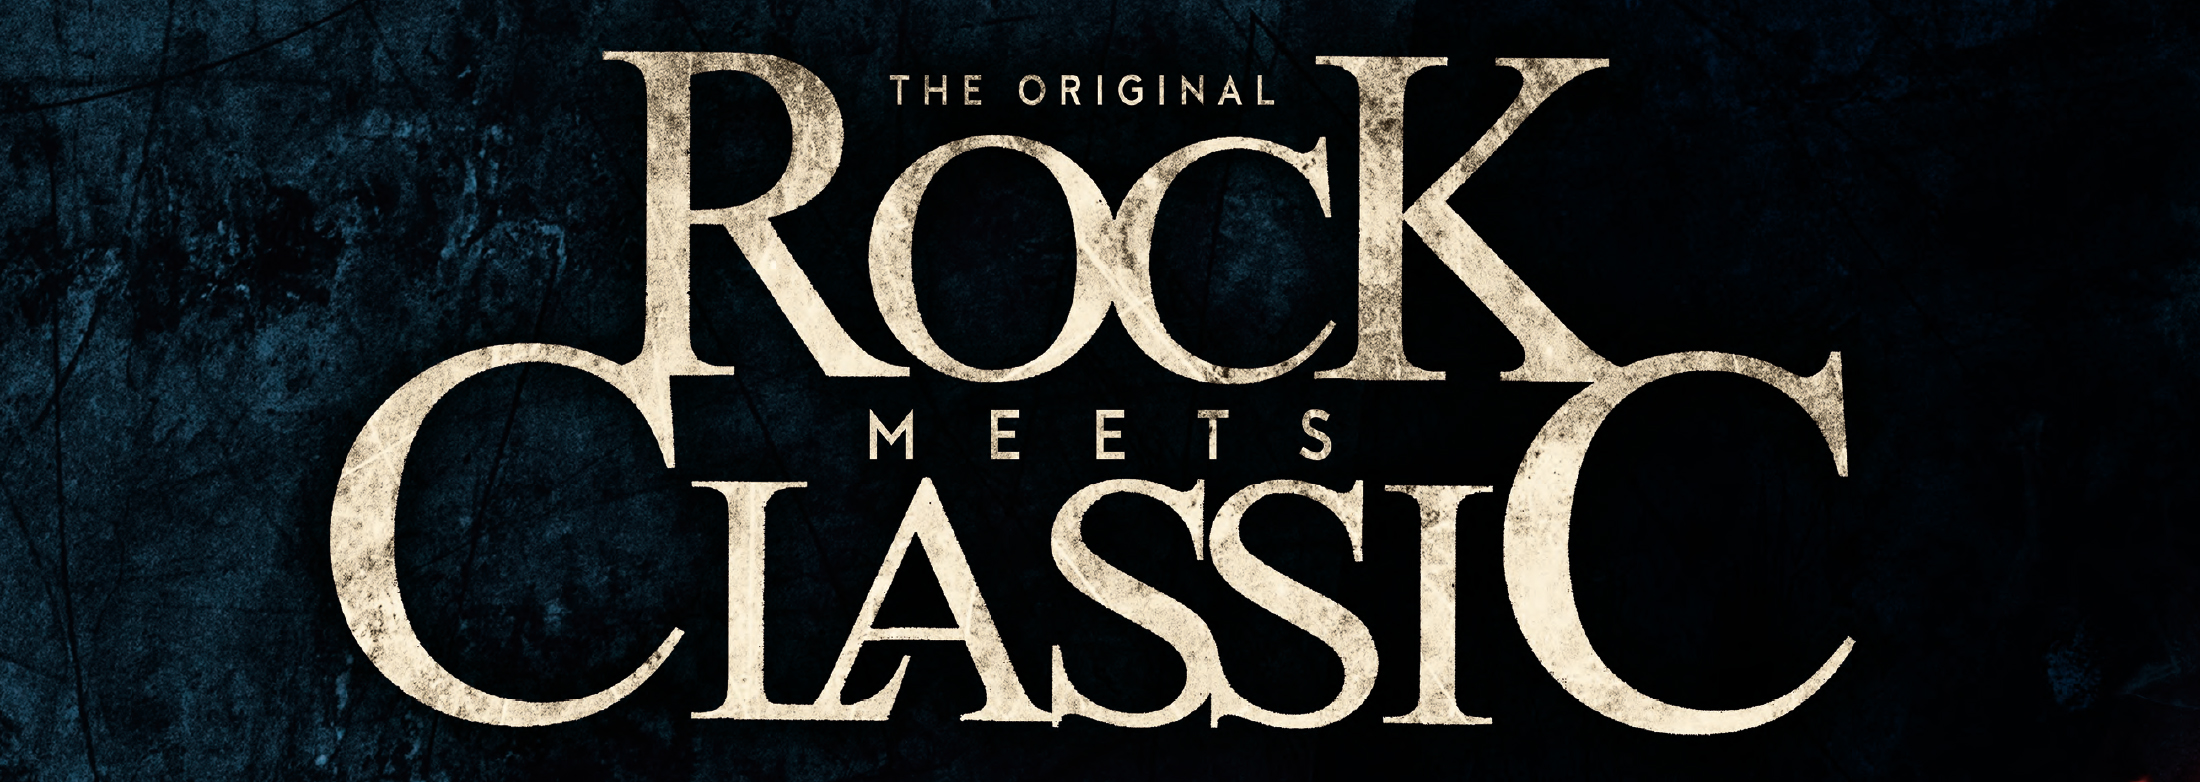 Rock meets classic 2020 künstler